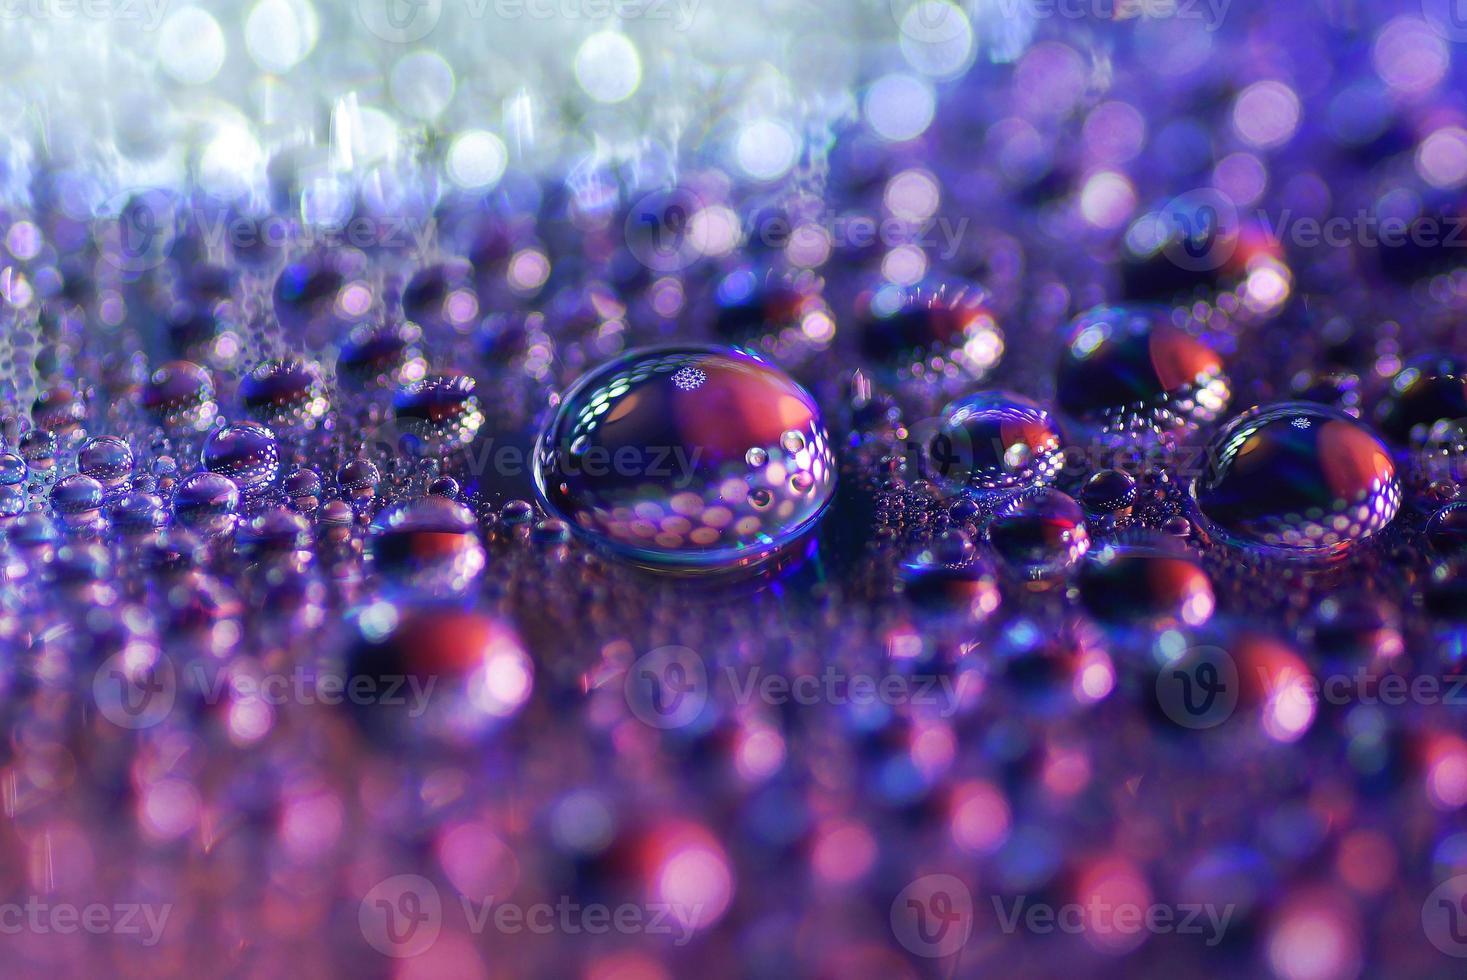 macro van waterdruppels op een dvd-oppervlak, bokeh licht foto